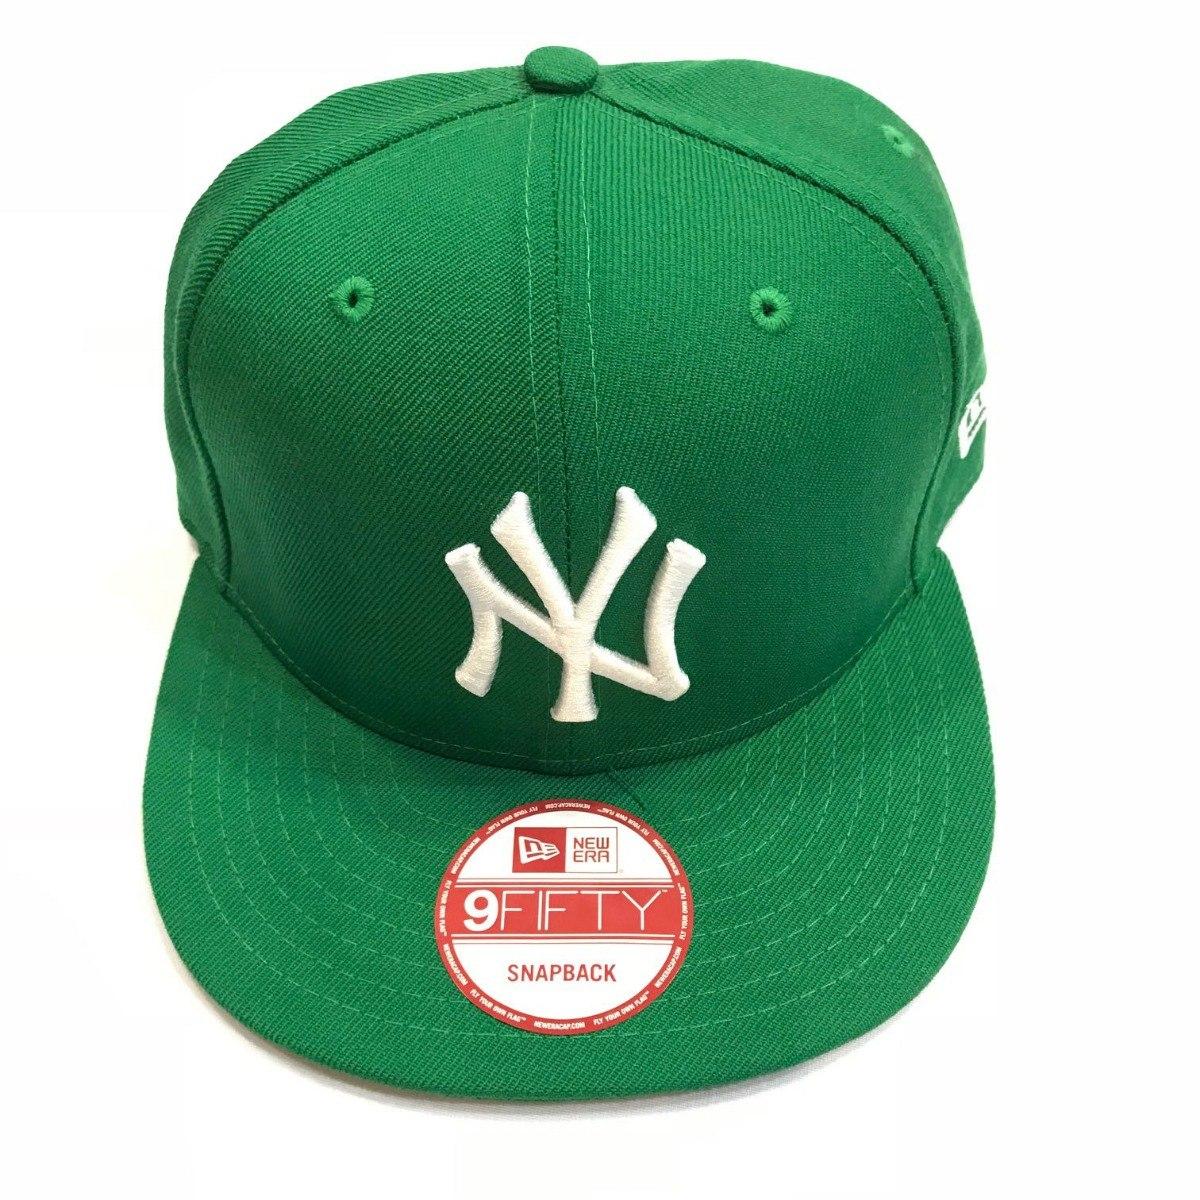 069653f429 Boné New Era Mlb Ny Verde Snapback - R$ 159,00 em Mercado Livre